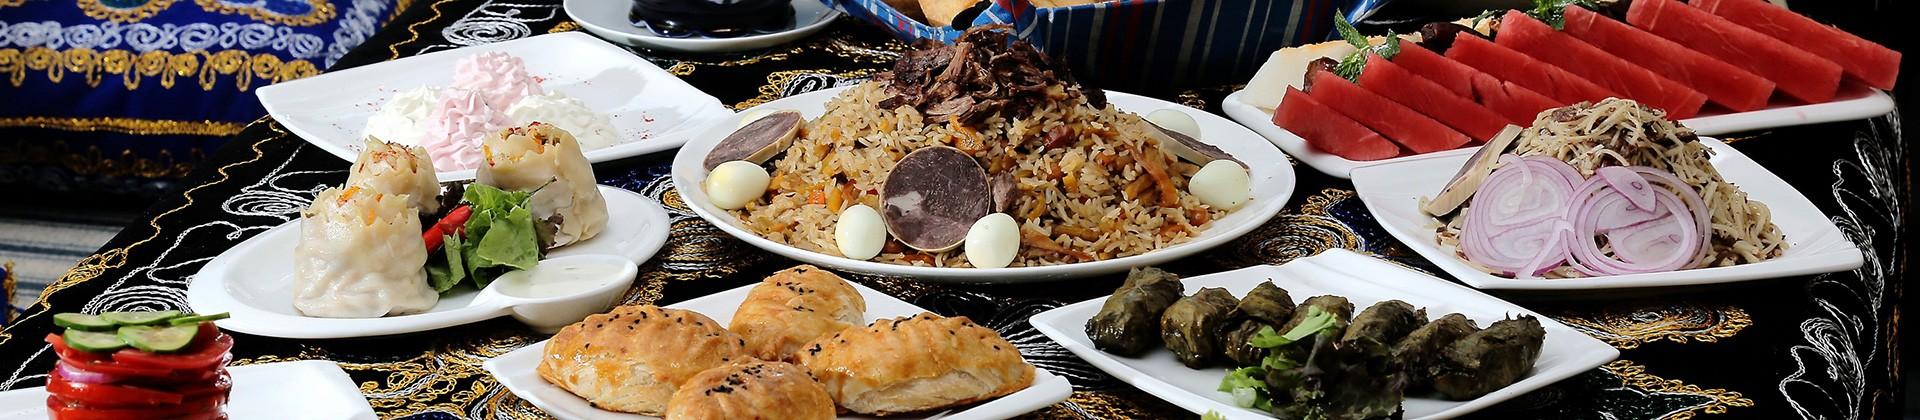 Excursion and gastronomic tour to Uzbekistan - 1